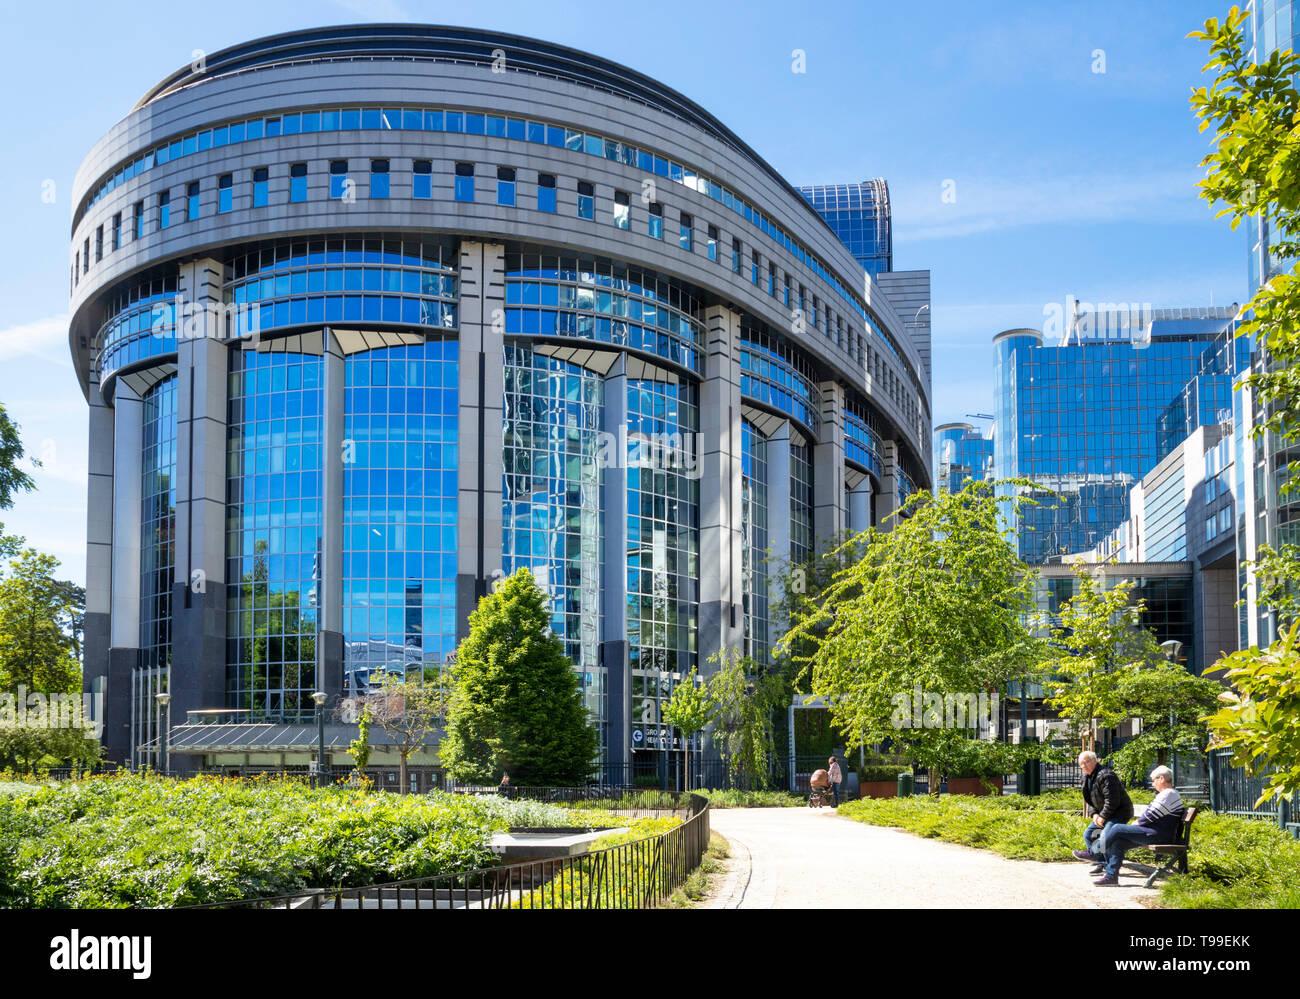 Edificio del Parlamento europeo a Bruxelles ,l'emiciclo del Parlamento europeo, Parc Leopold, Leopold Park, Bruxelles,Belgio,UE,l'Europa Immagini Stock